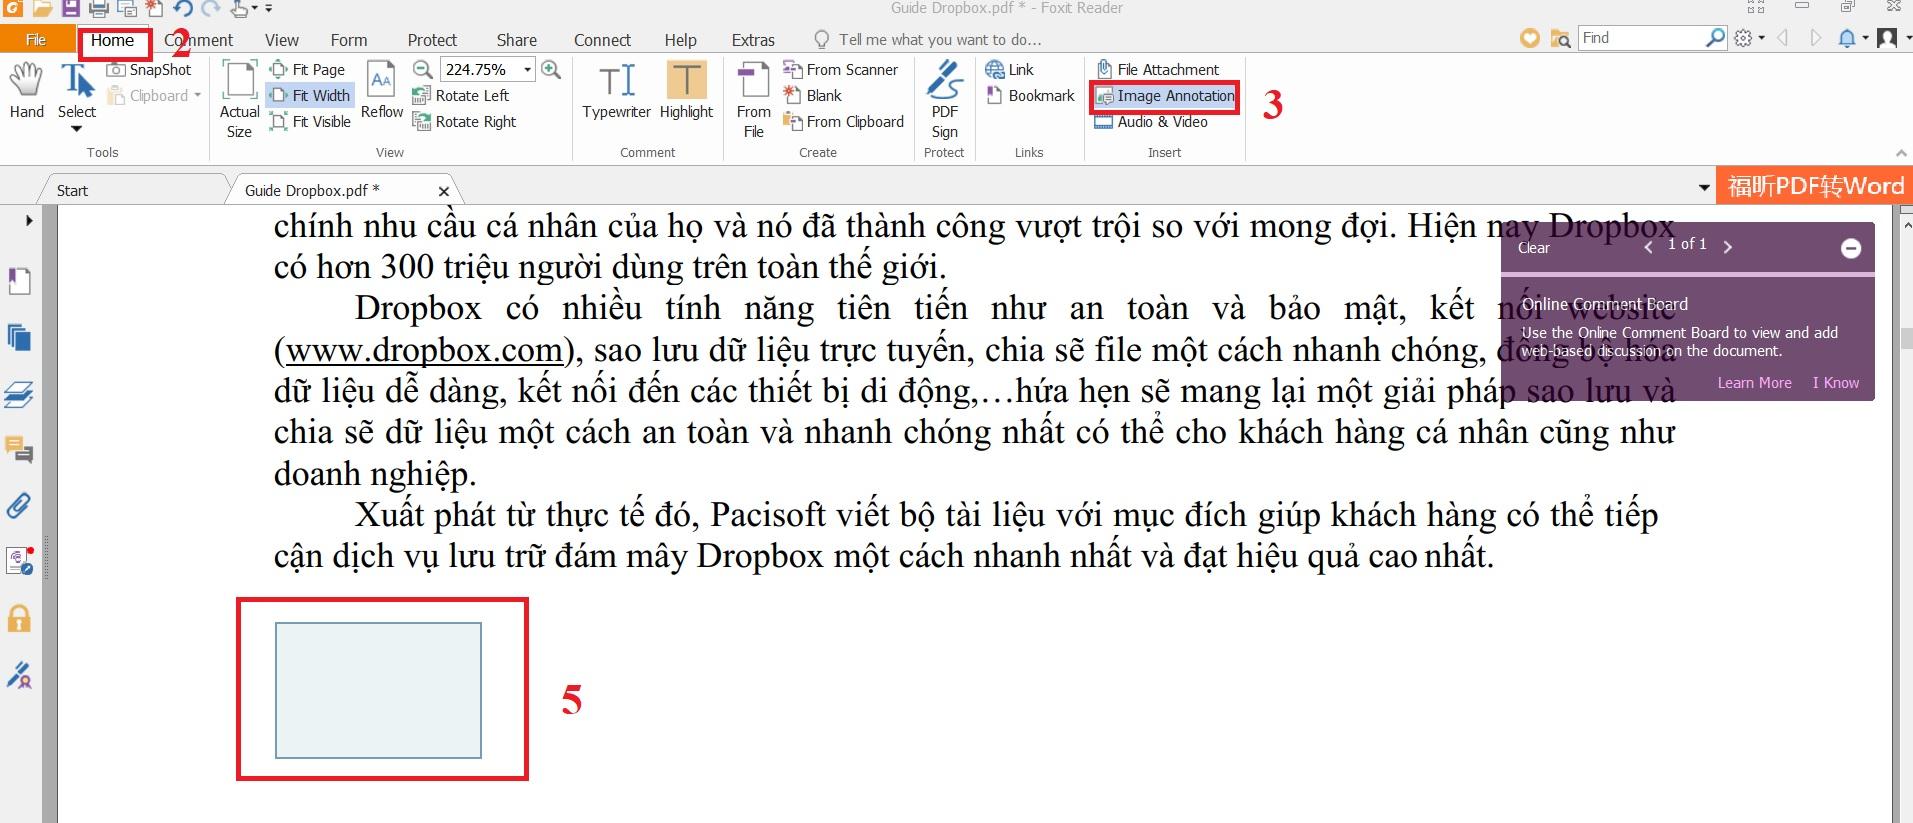 Cách chèn ảnh vào tập tin PDF trong Foxit Reader